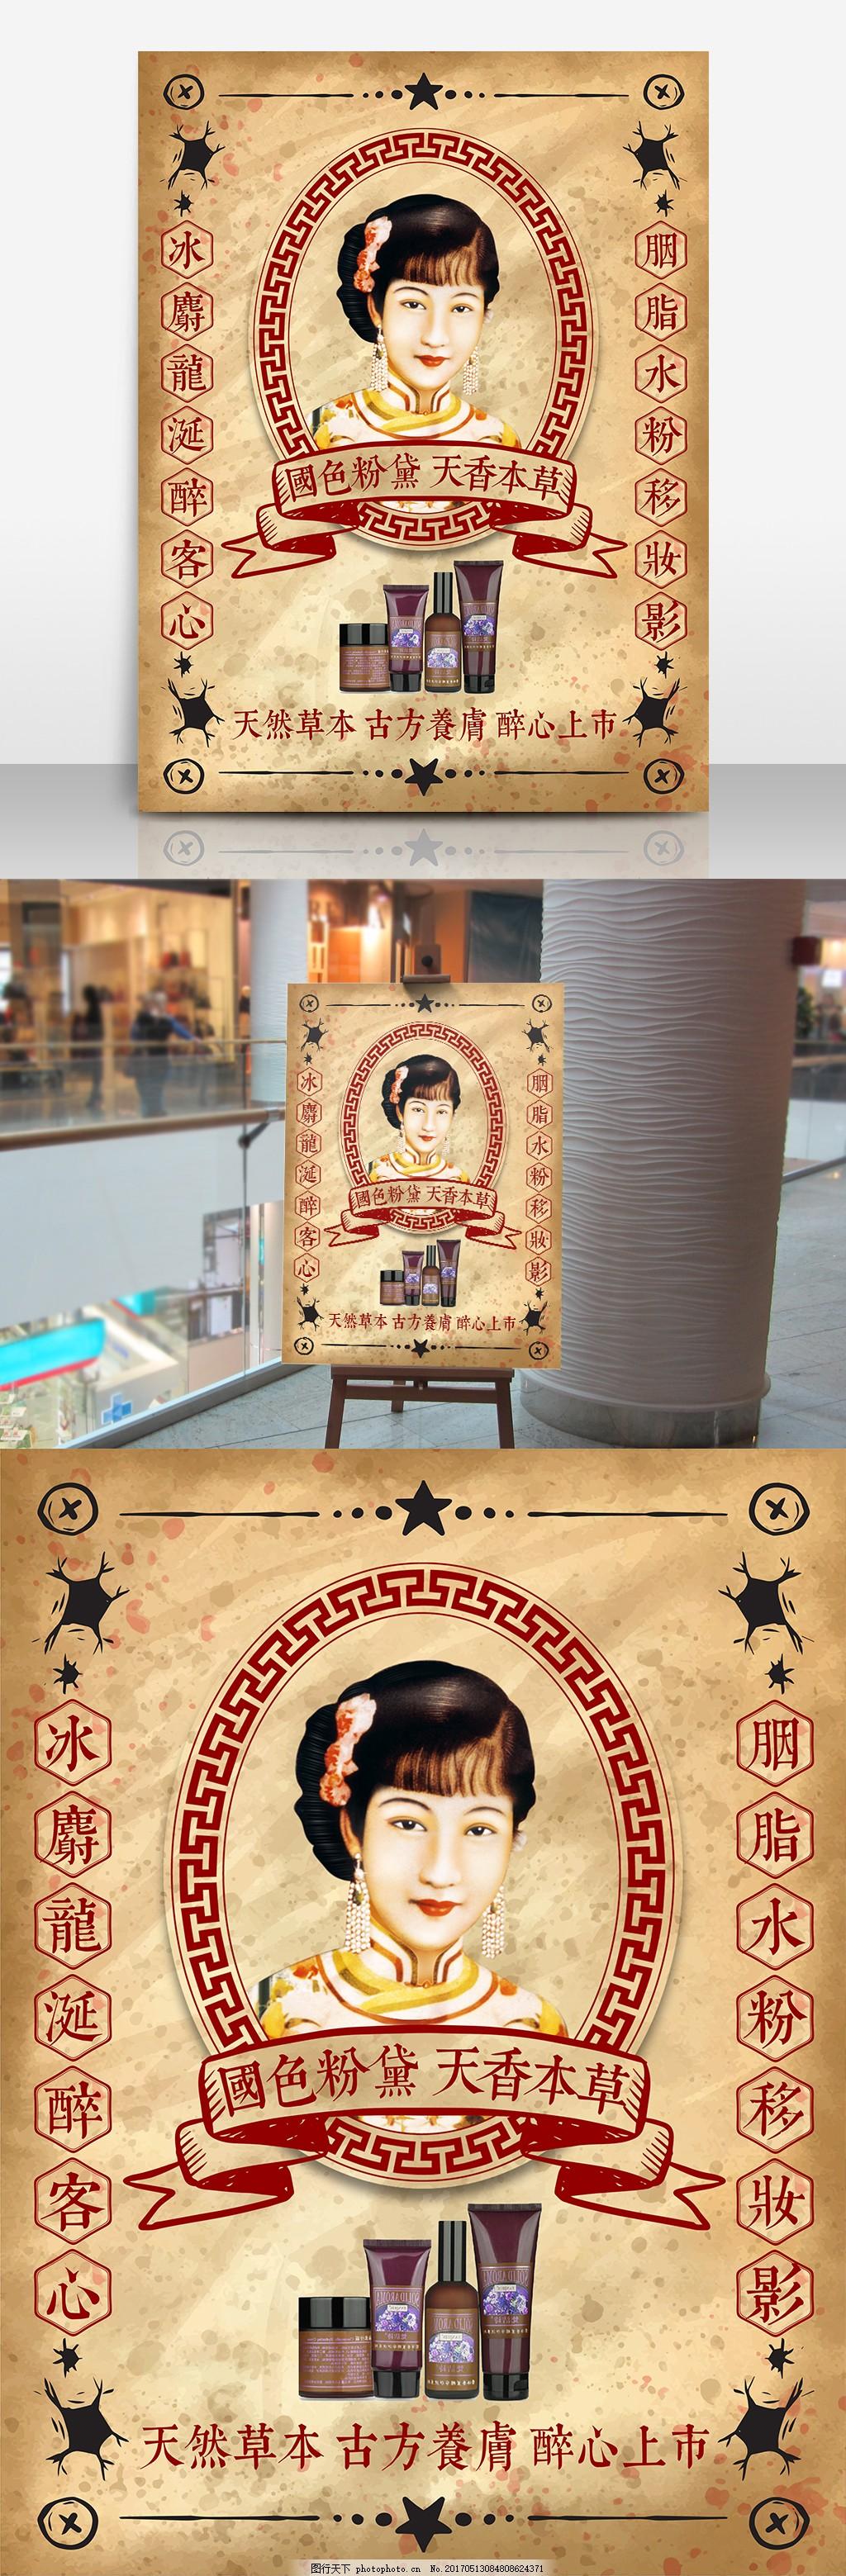 民国旧上海风格化妆品宣传海报